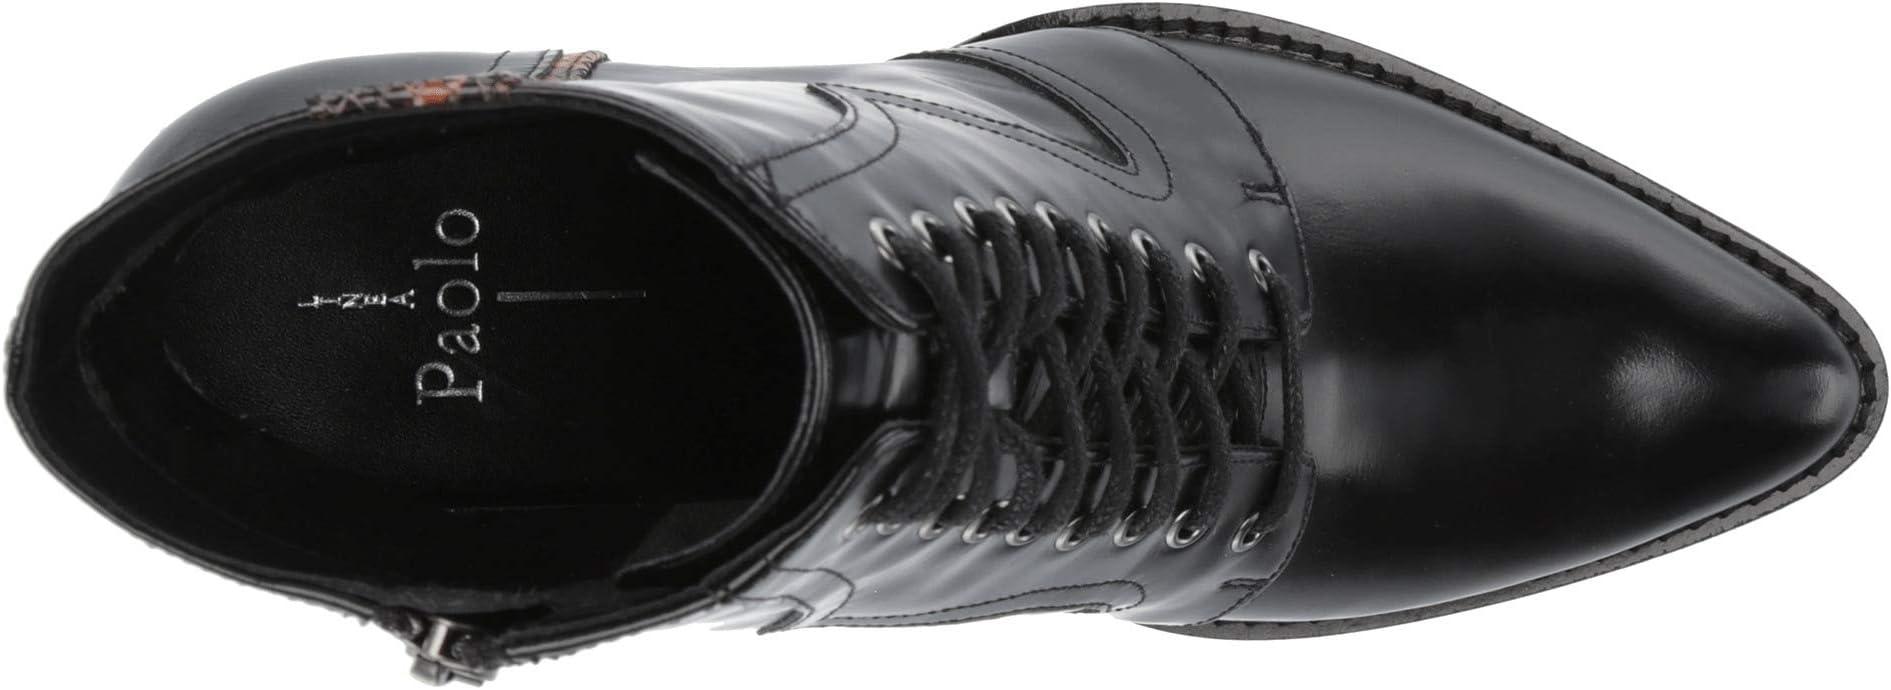 LINEA Paolo Suri | Women's shoes | 2020 Newest